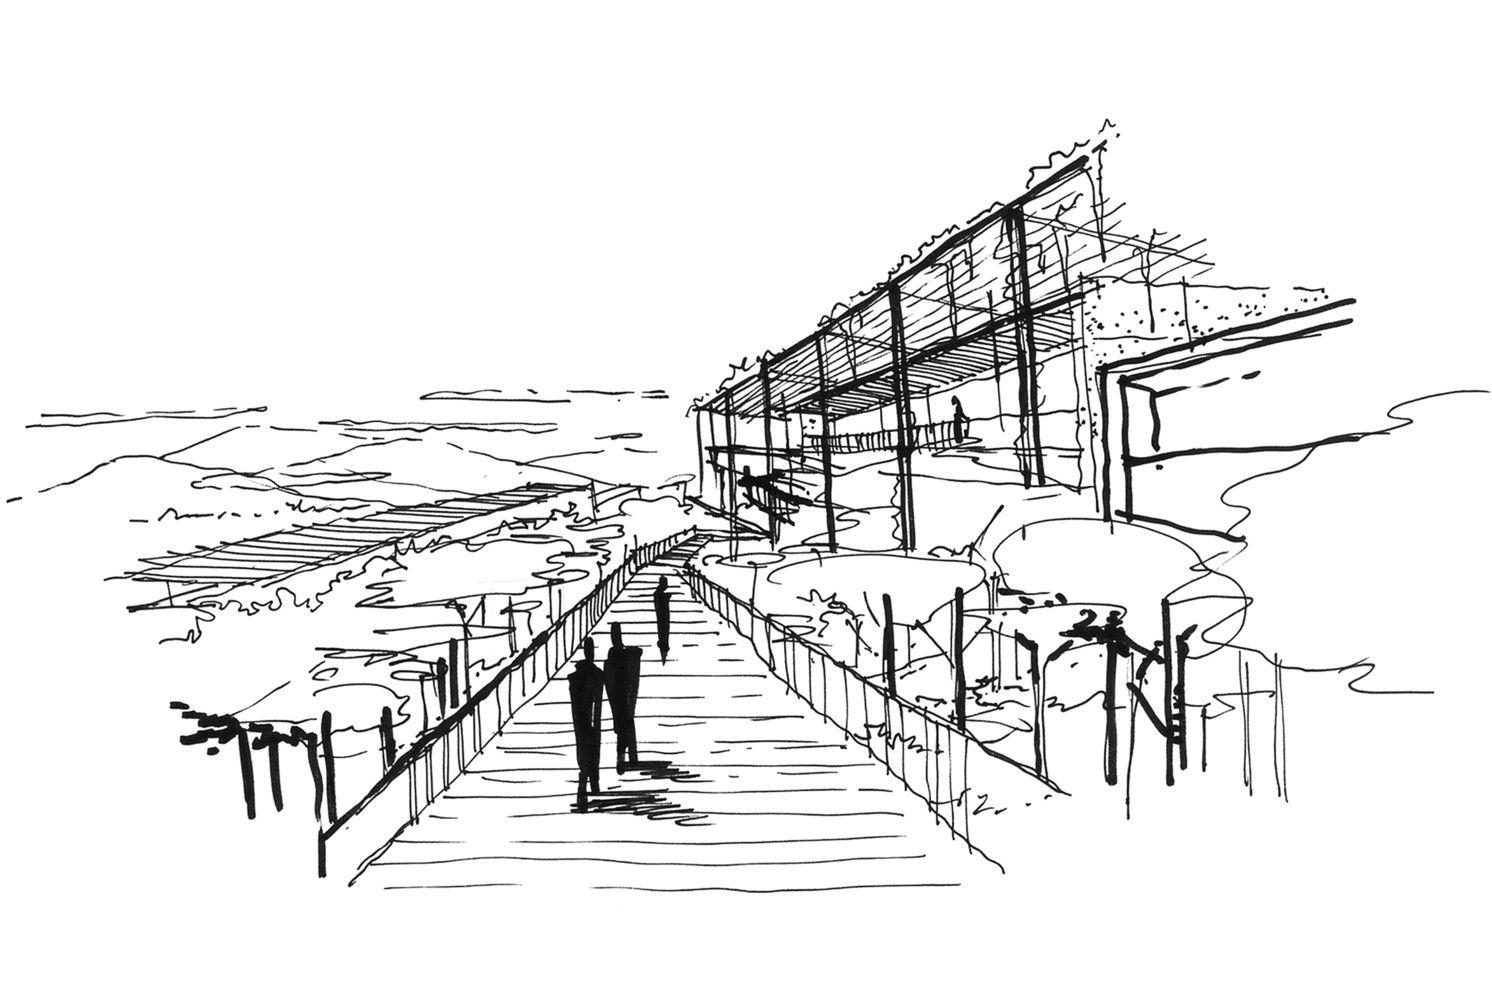 Galeria De Botanica Khao Yai Vin Varavarn Architects